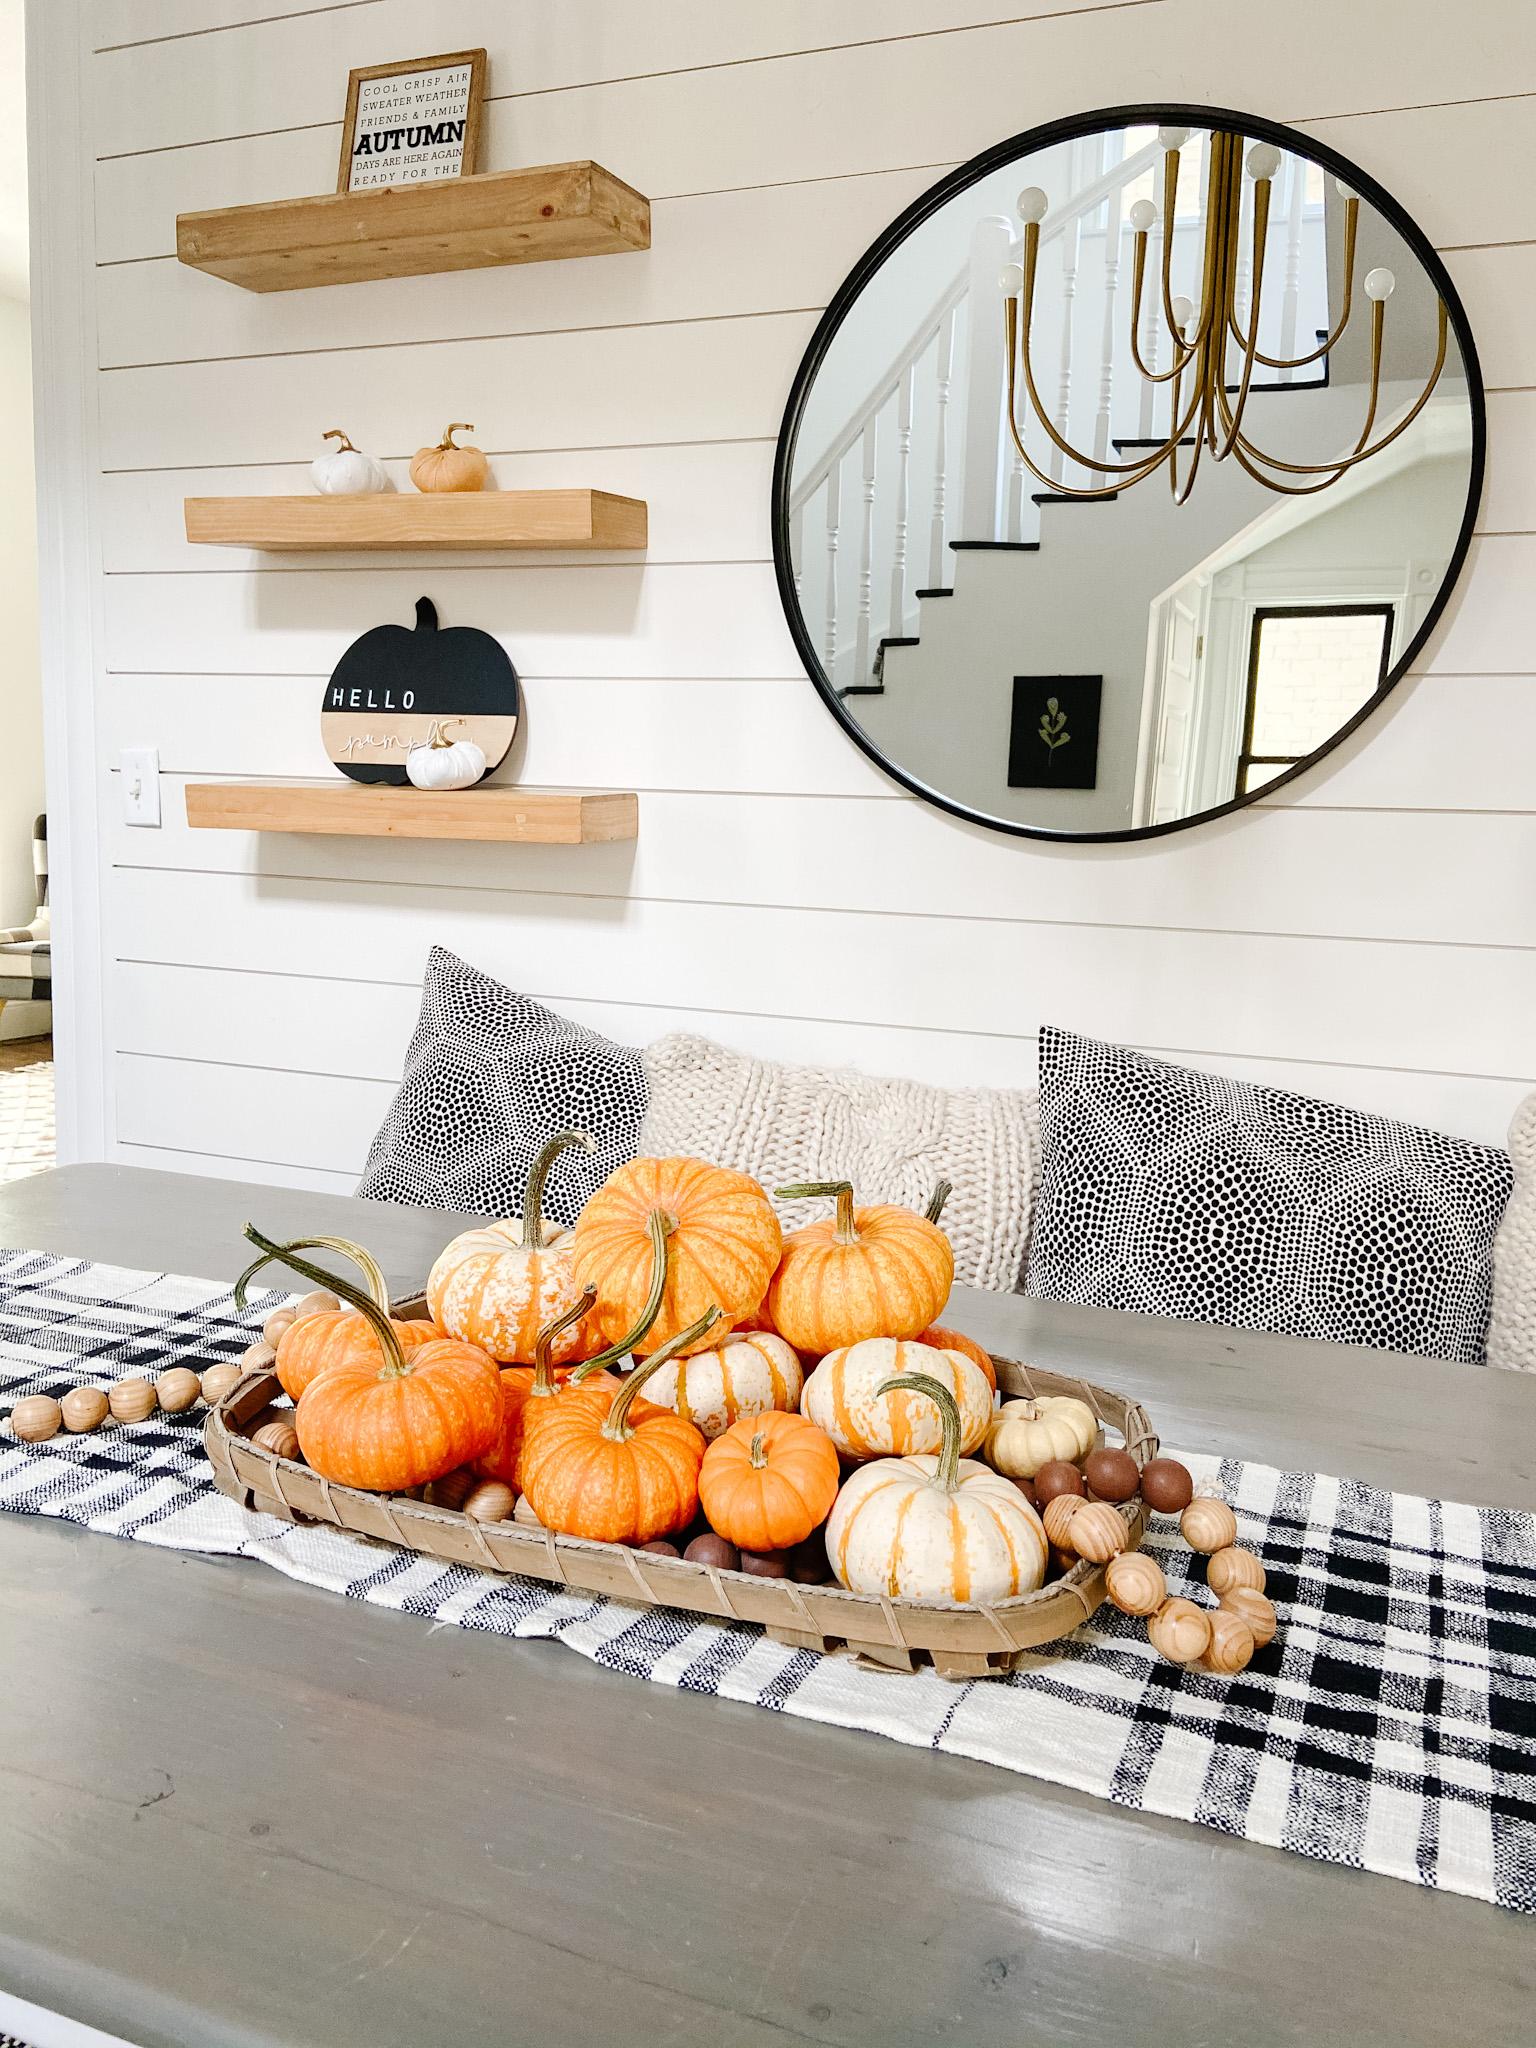 Make a fresh pumpkin fall centerpiece